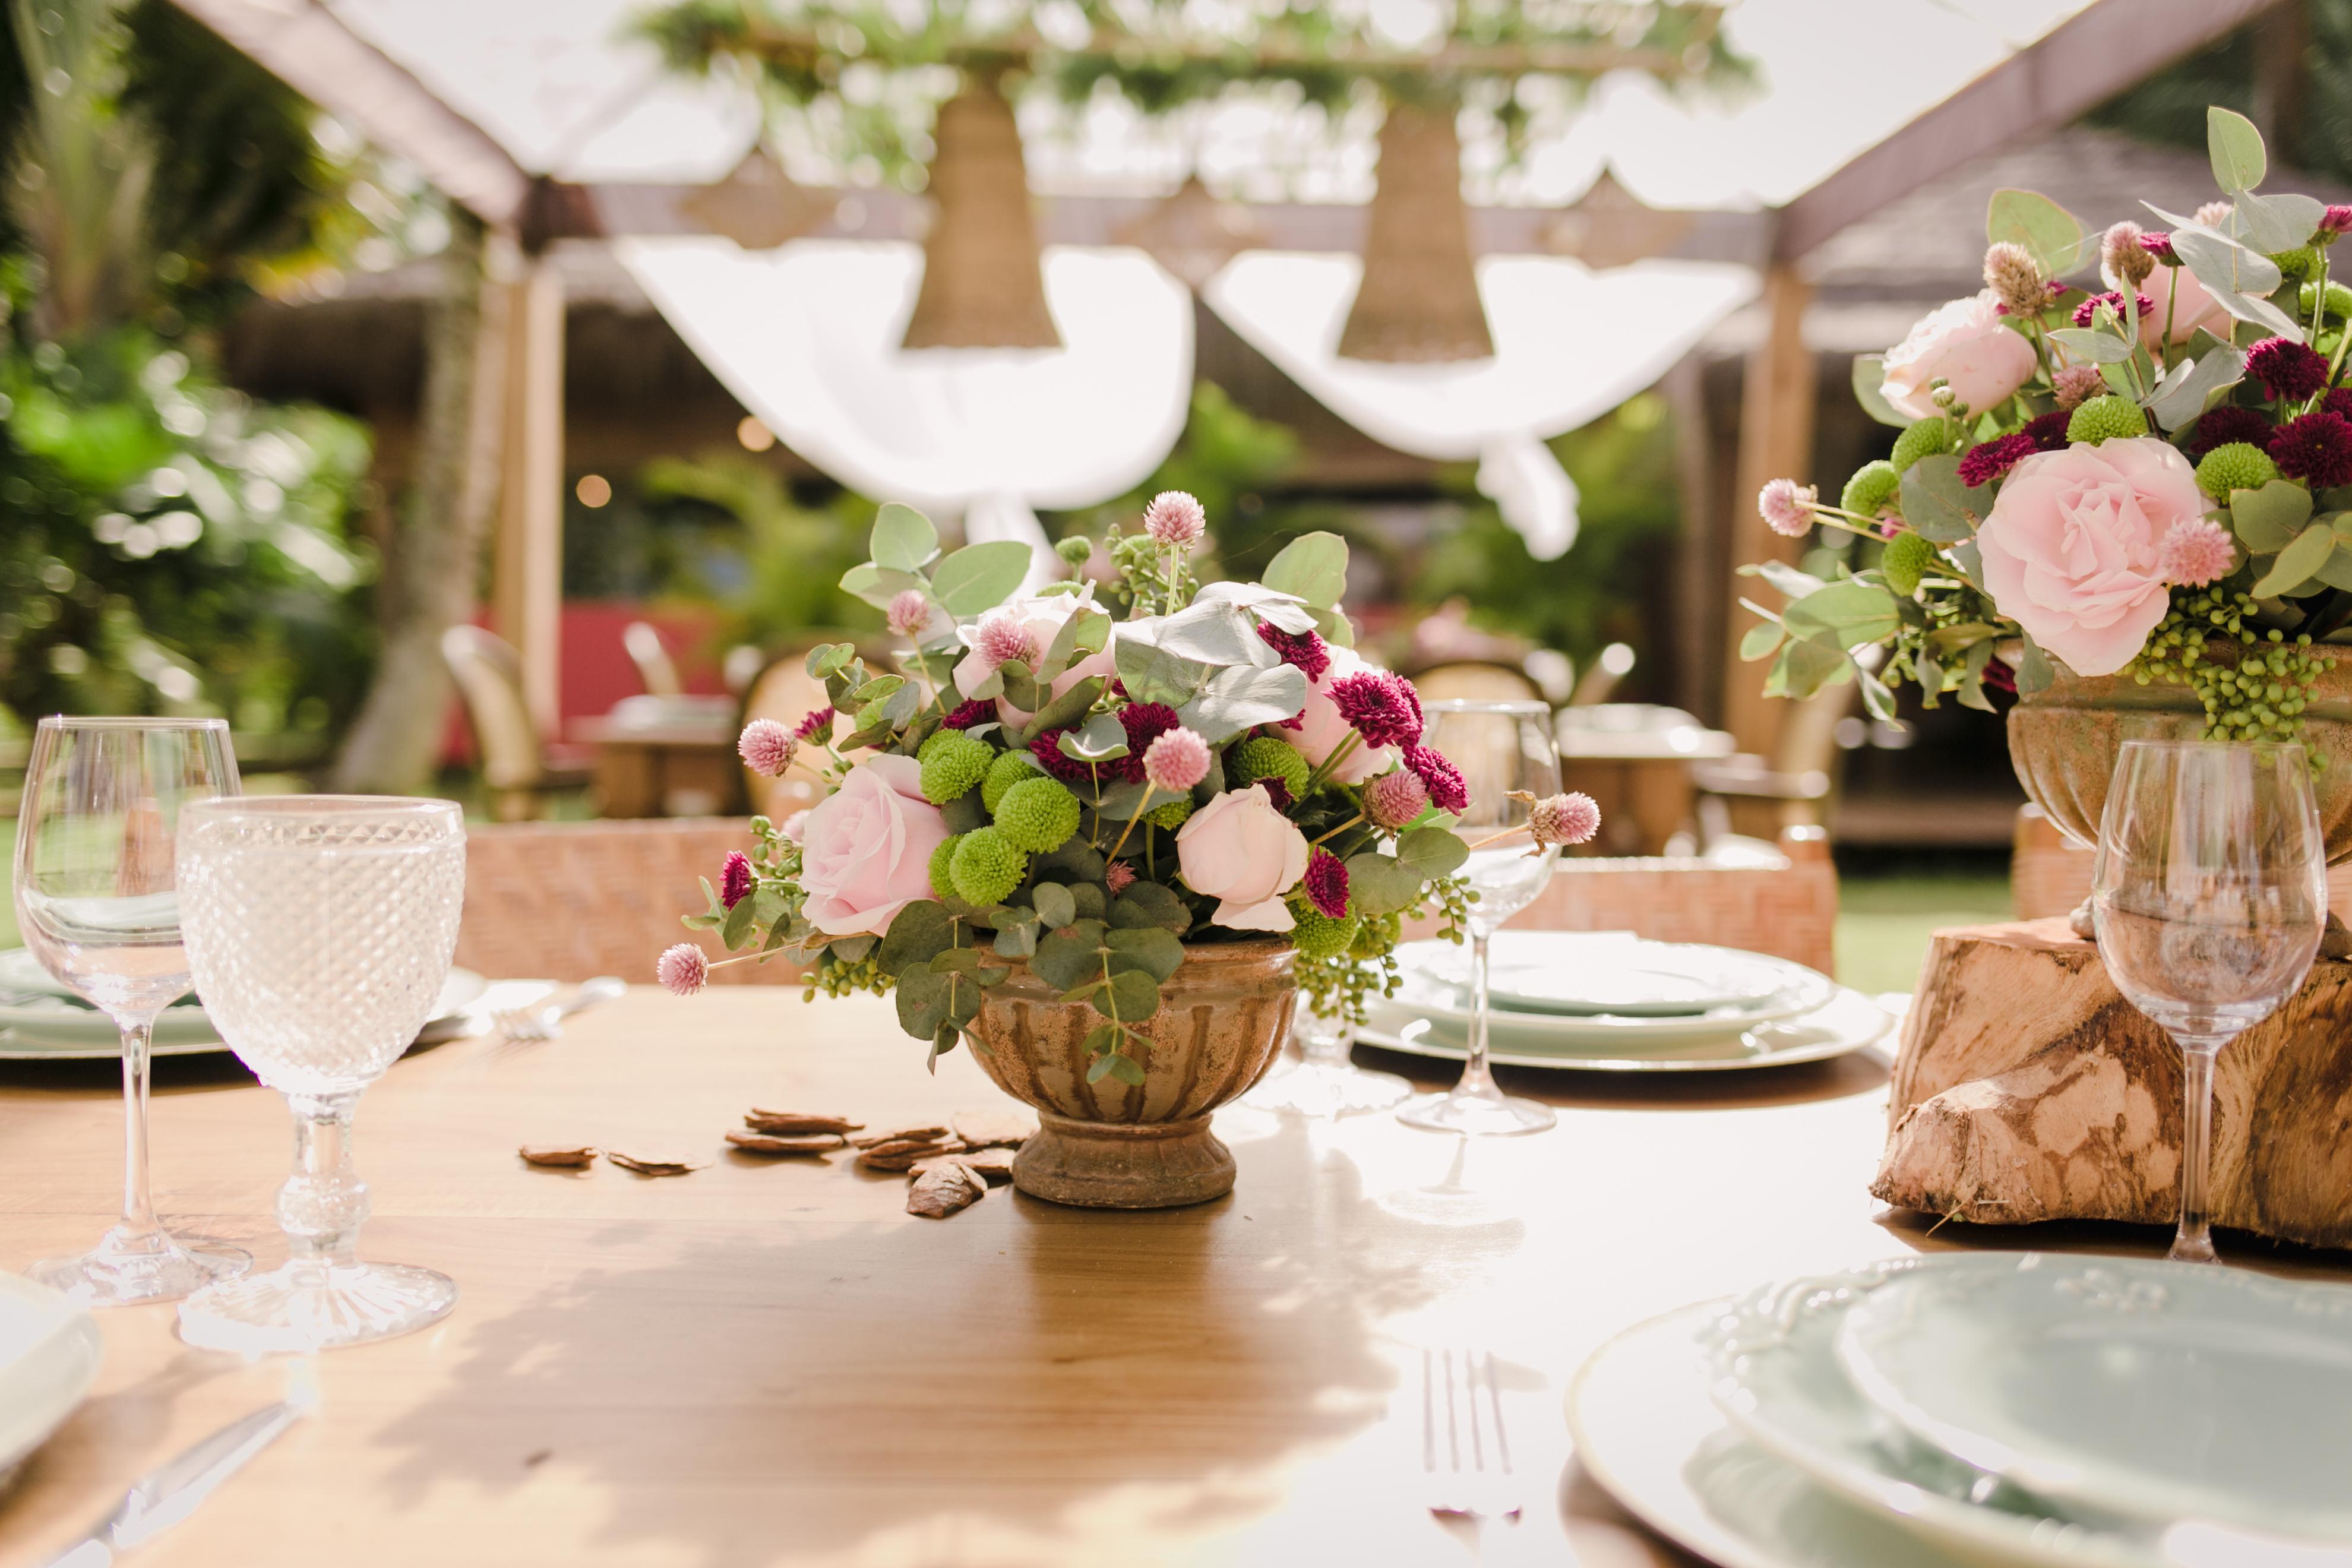 flores casamento romantico